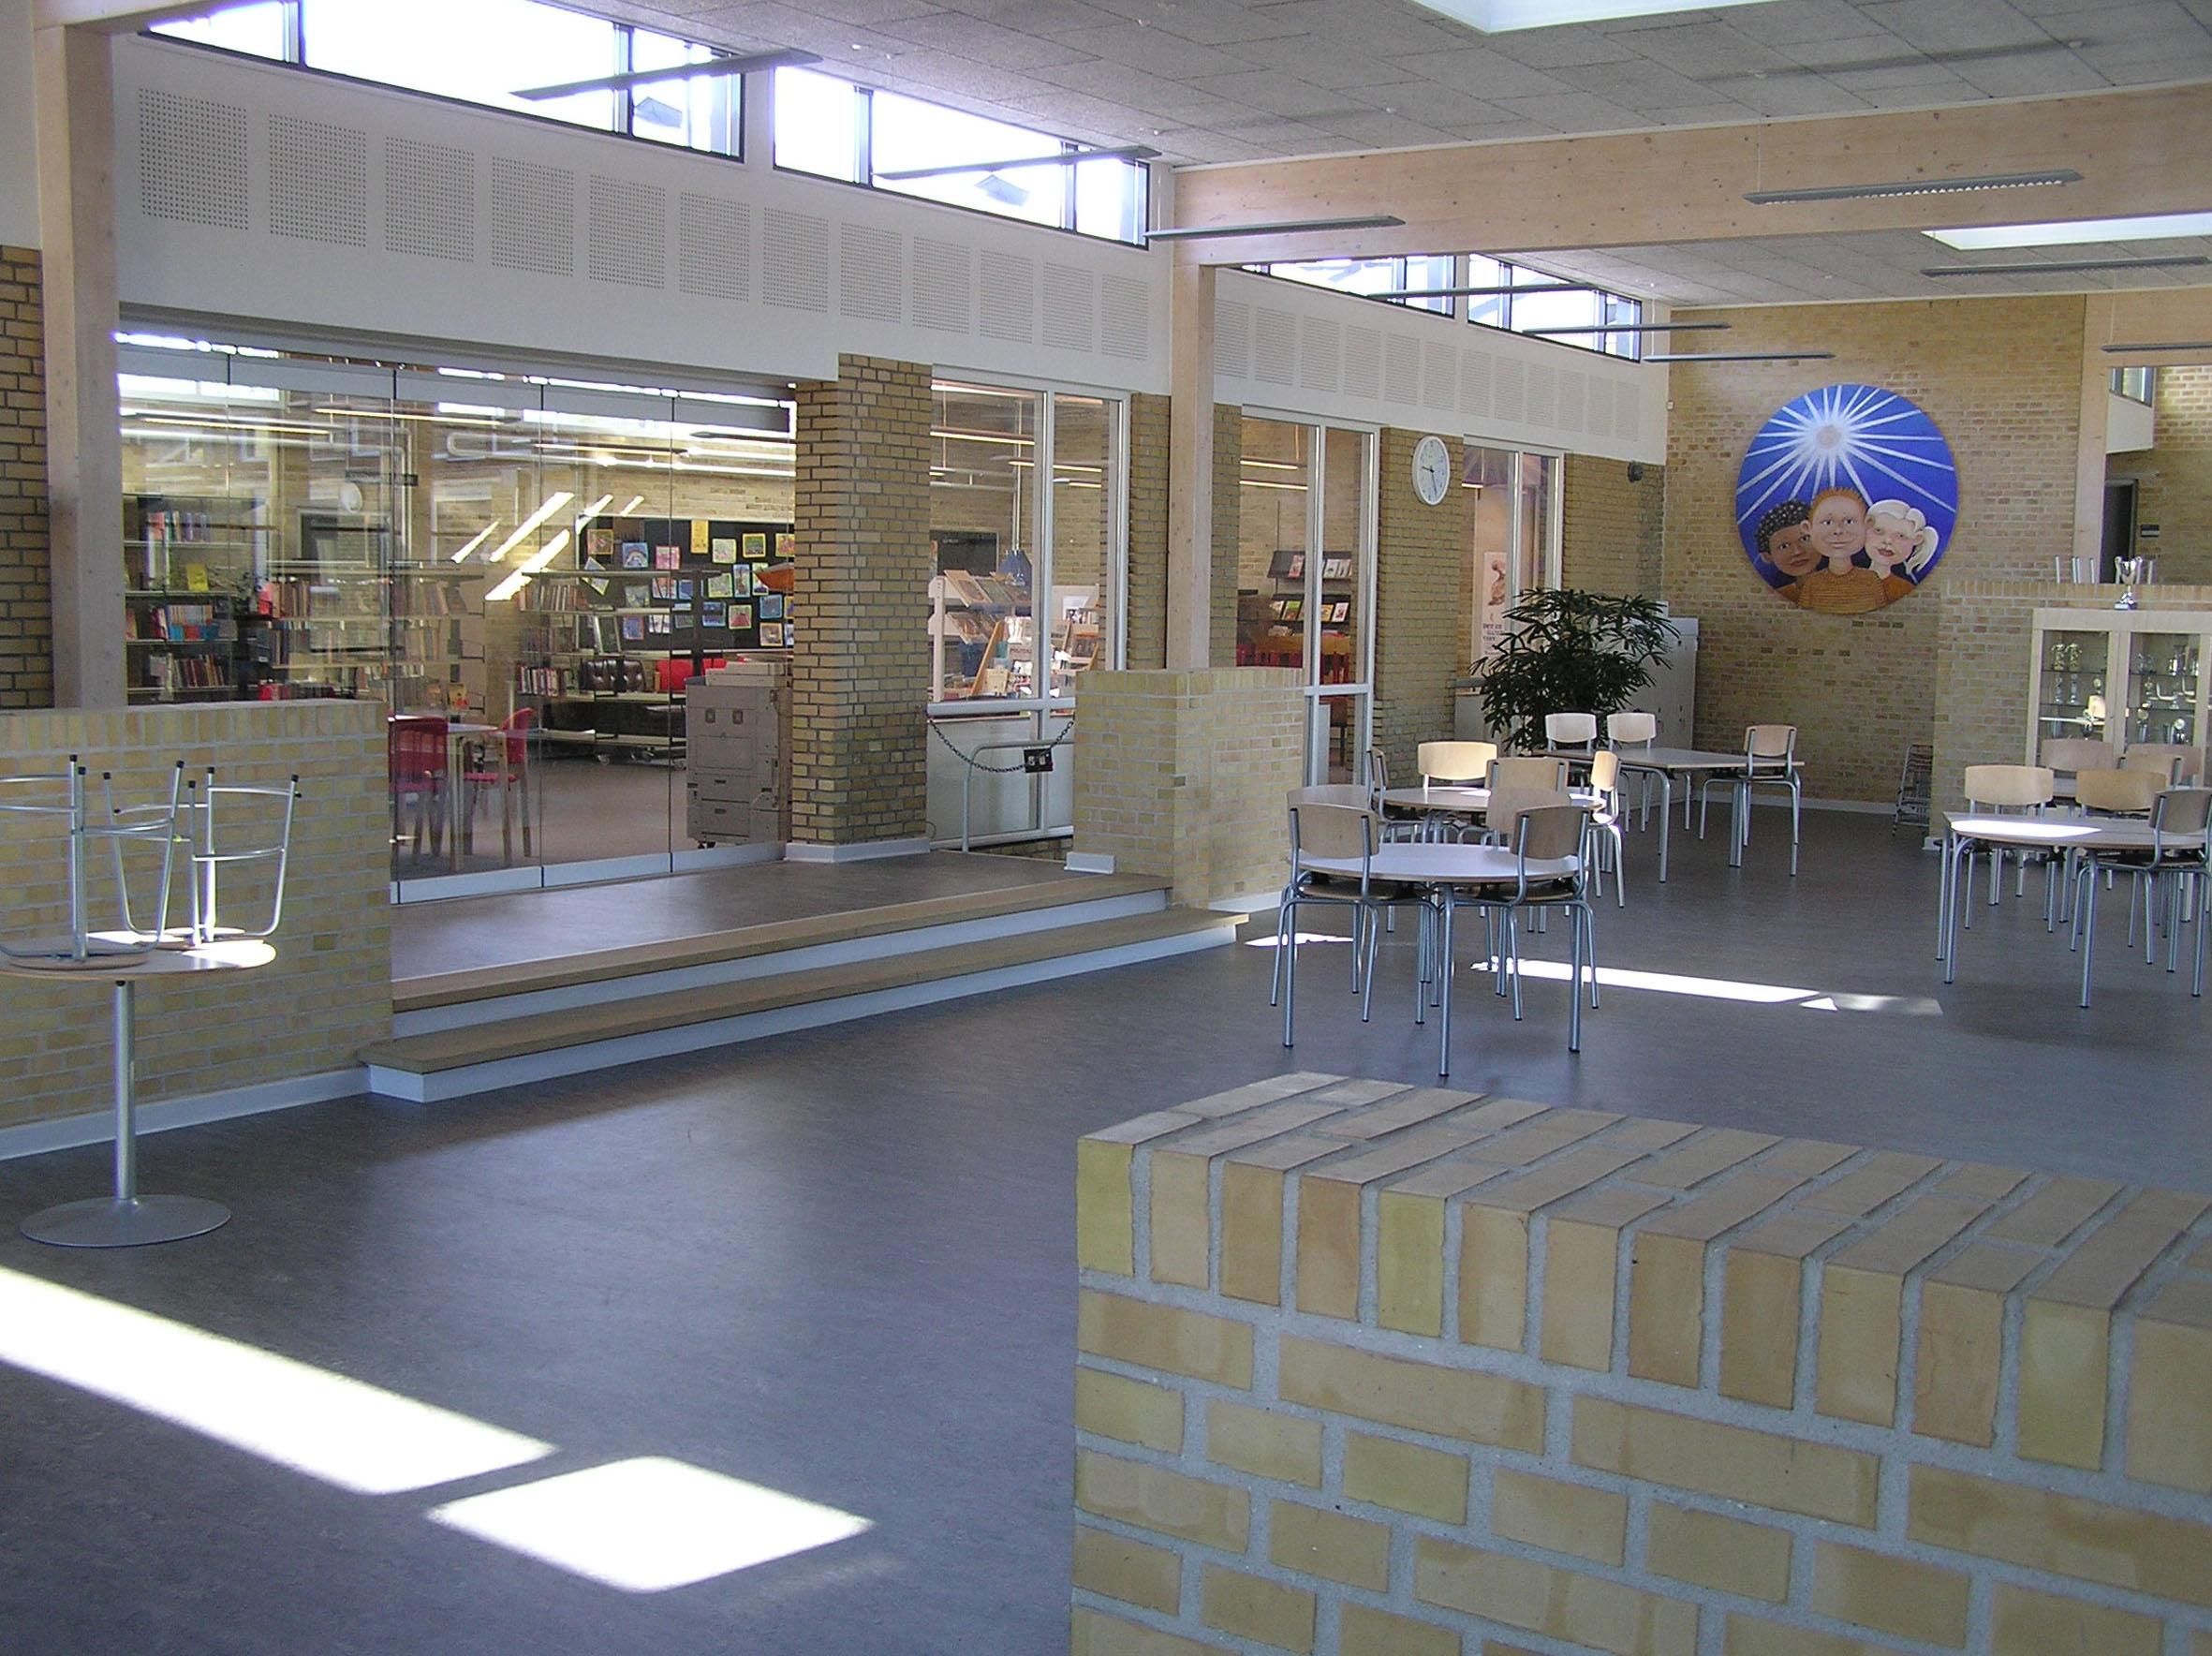 Skjoldborgvejens Skole